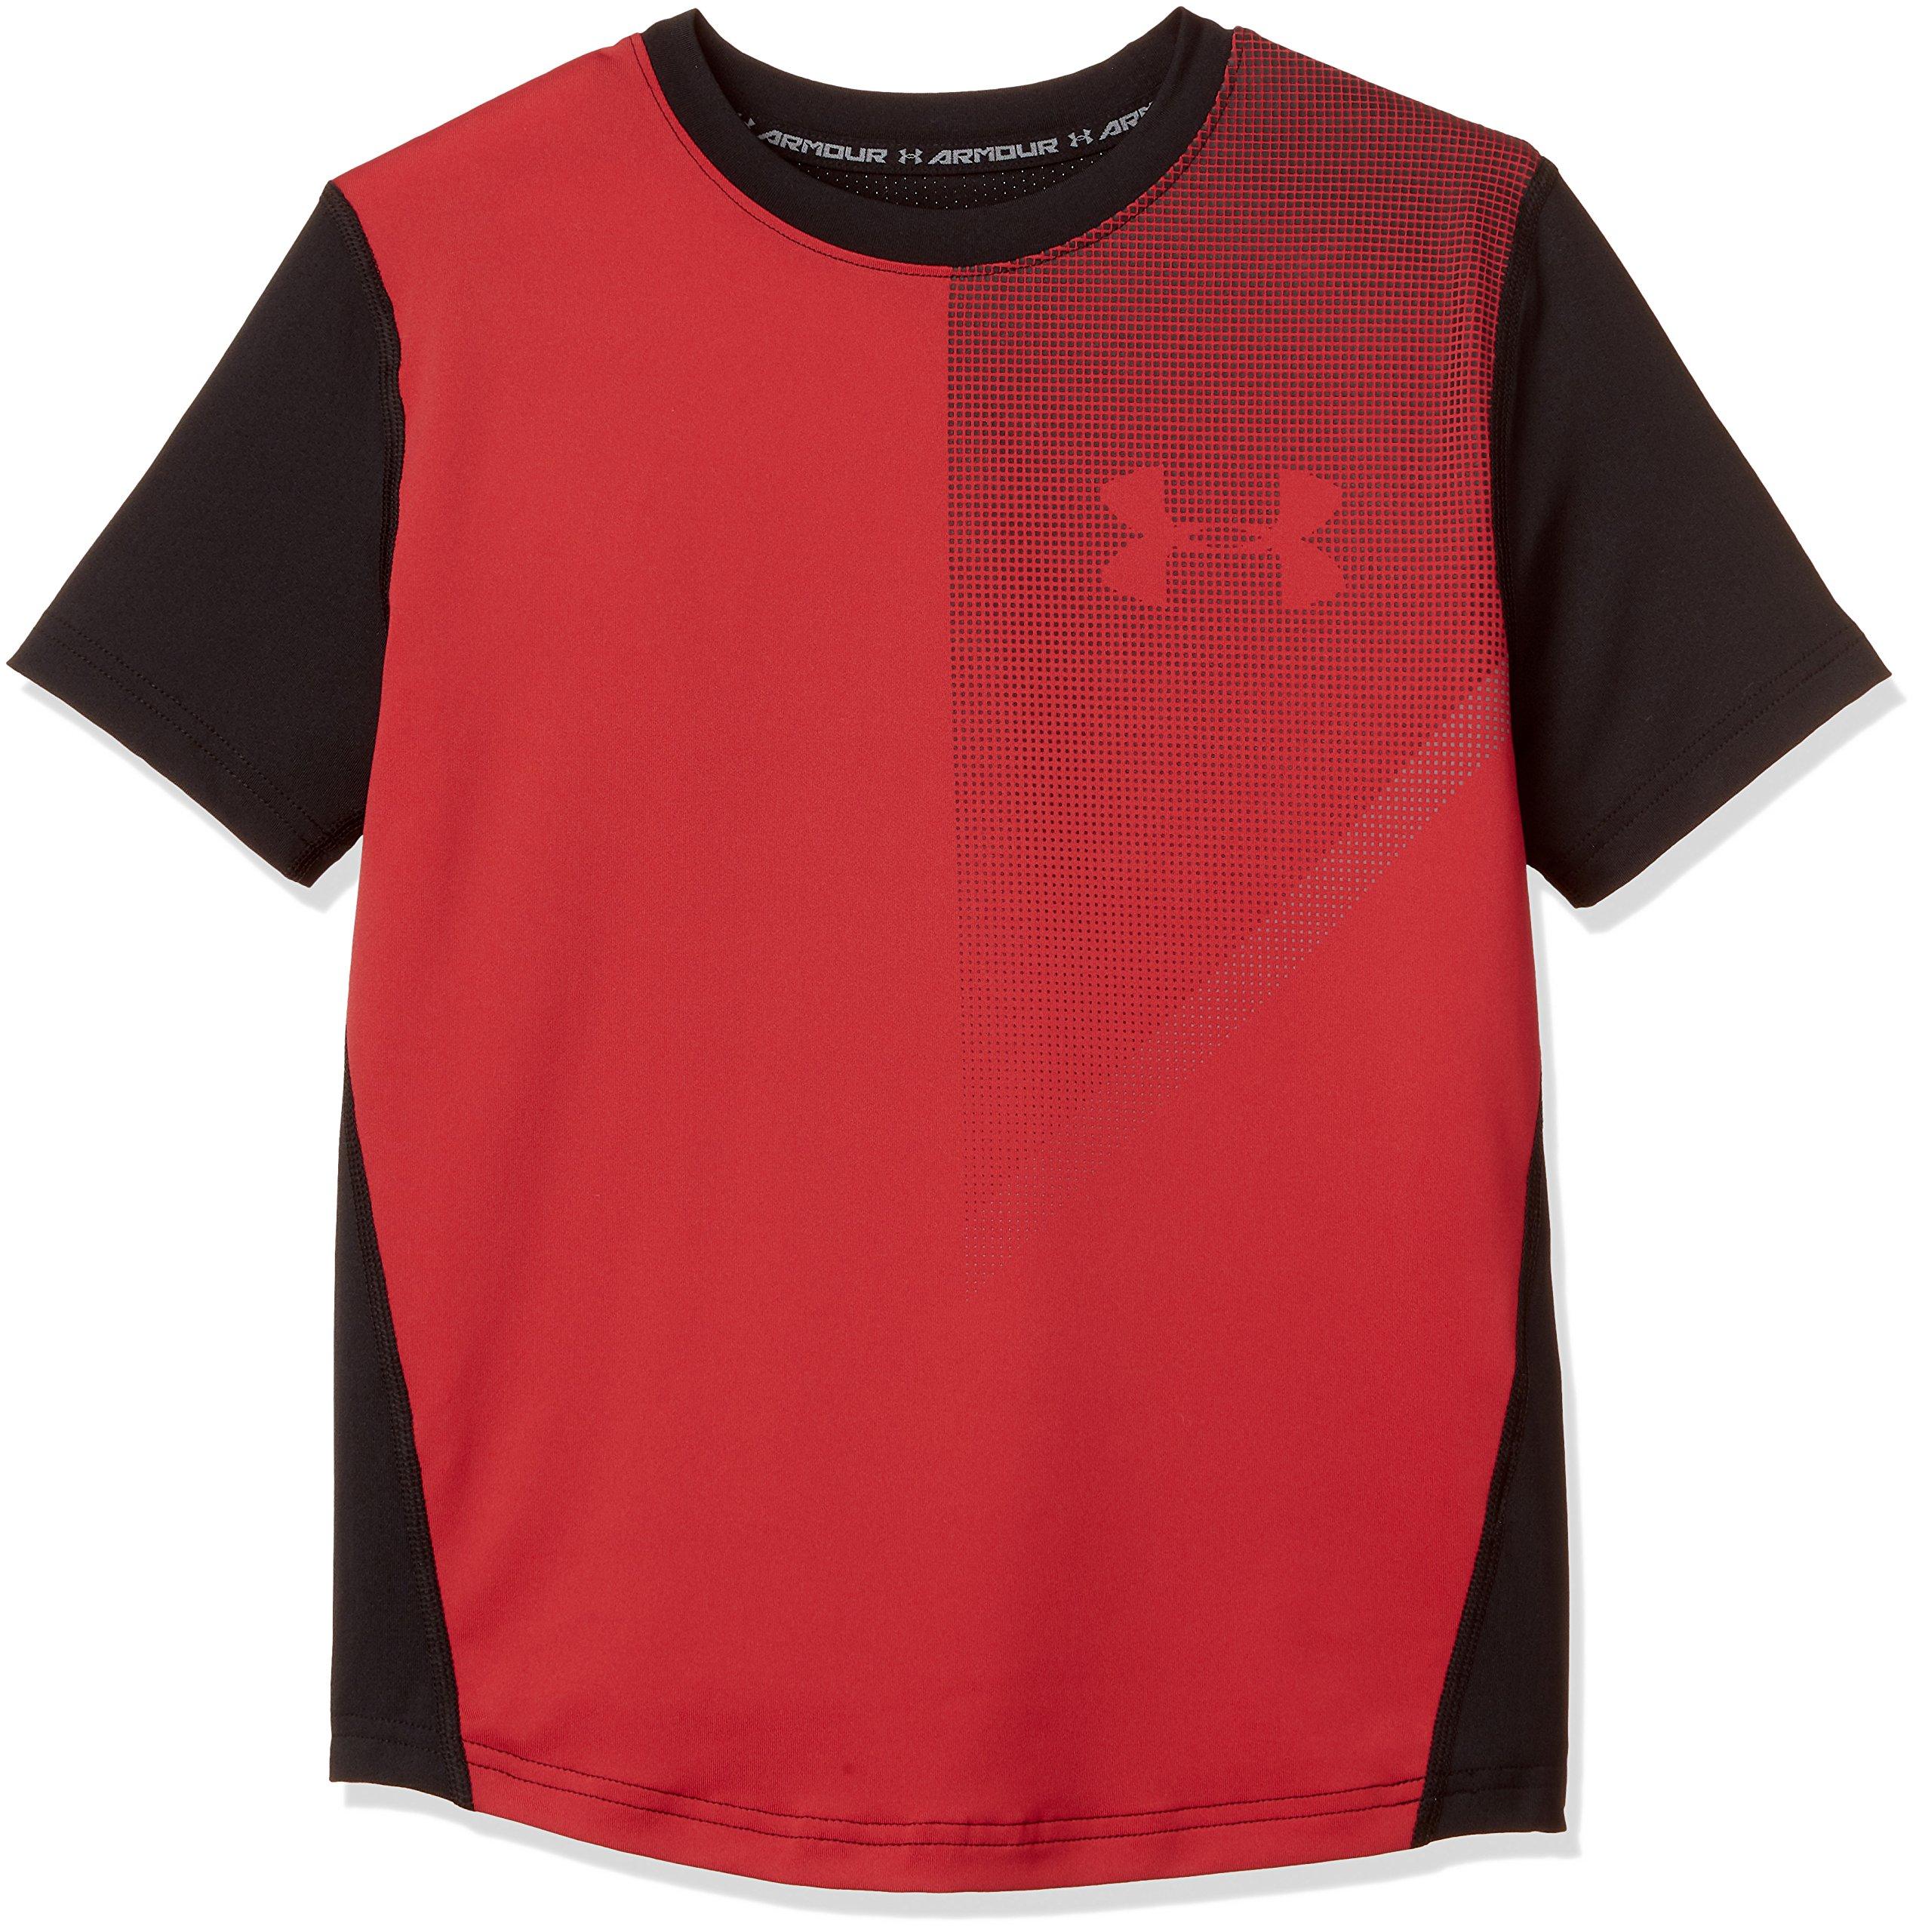 アンダーアーマーボーイレイド半袖Tシャツ